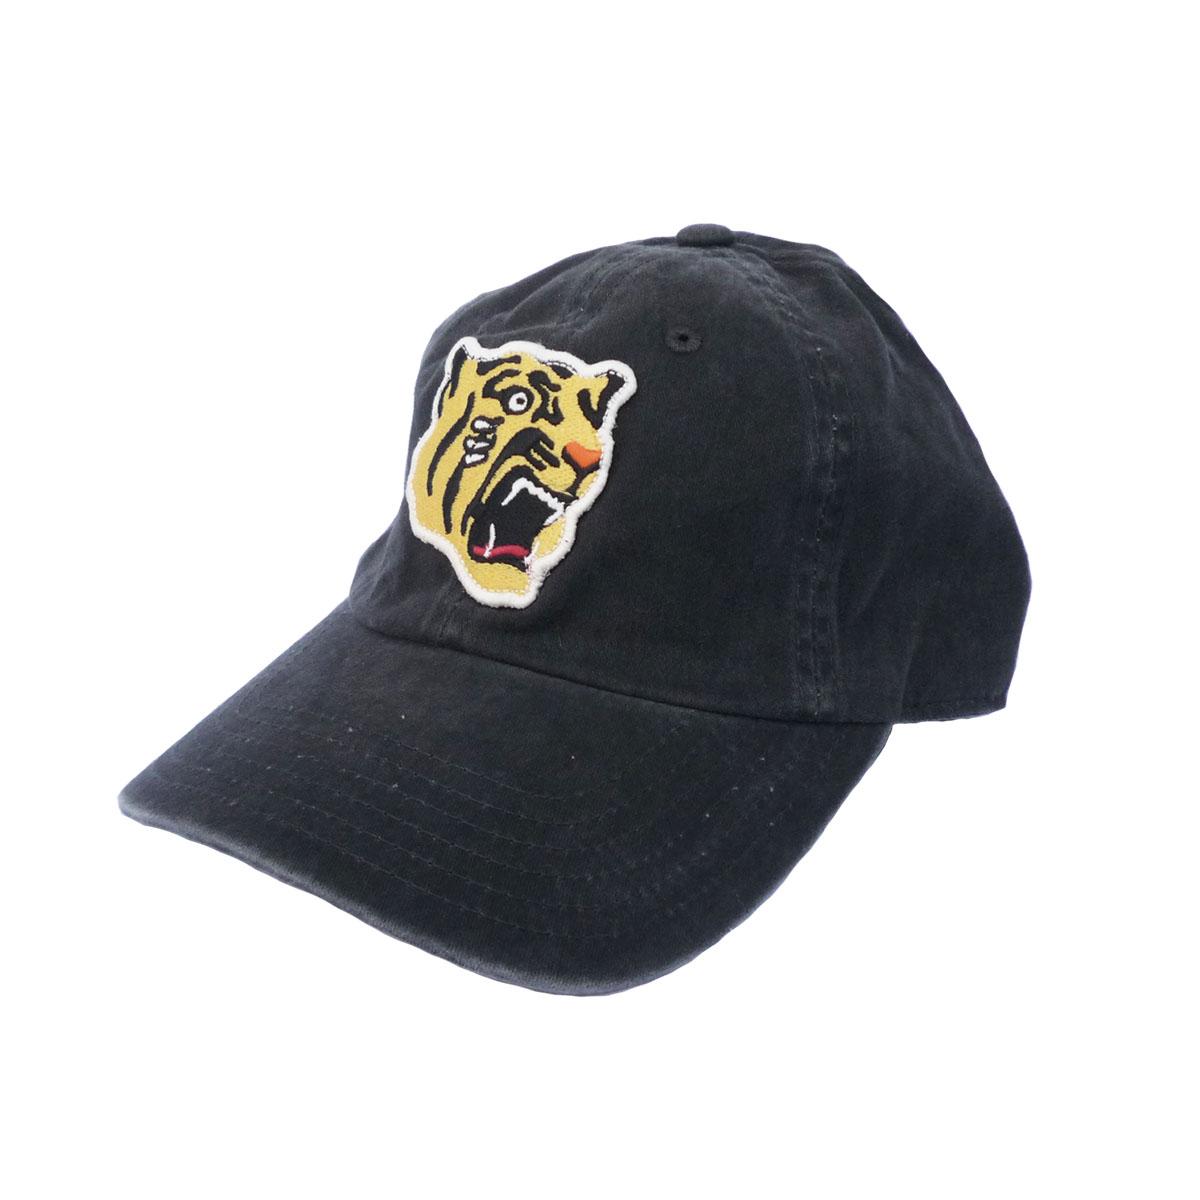 画像1: AMERICAN NEEDLE アメリカンニードル NIPPON LEAGUE BASEBALL ARCHIVE CAP 阪神タイガース BLACK メンズ/レディース (1)